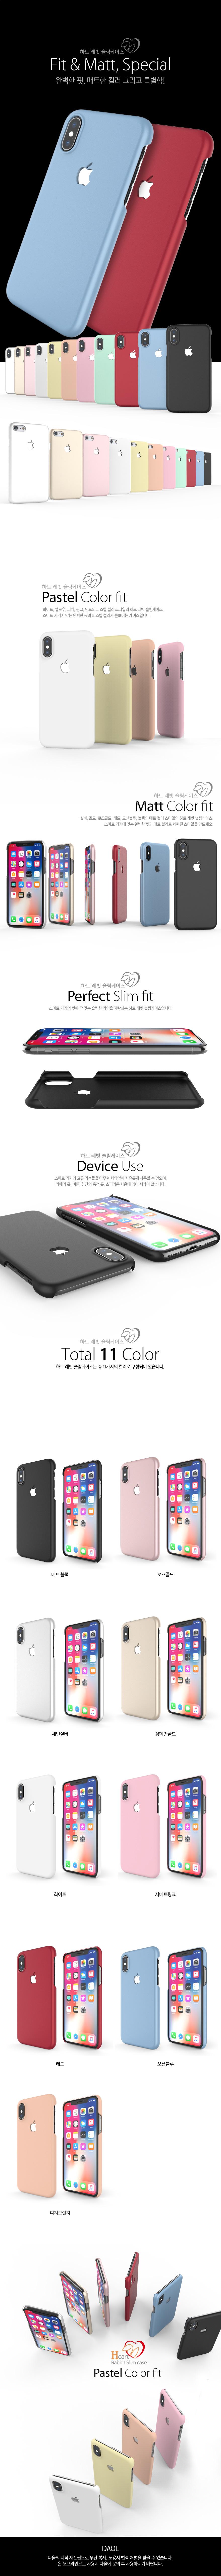 완벽한 핏, 매트한 컬러 그리고 특별함 Patset Color fit Matt color fit Perfect Slim fit Device Use Tatal 11 Color